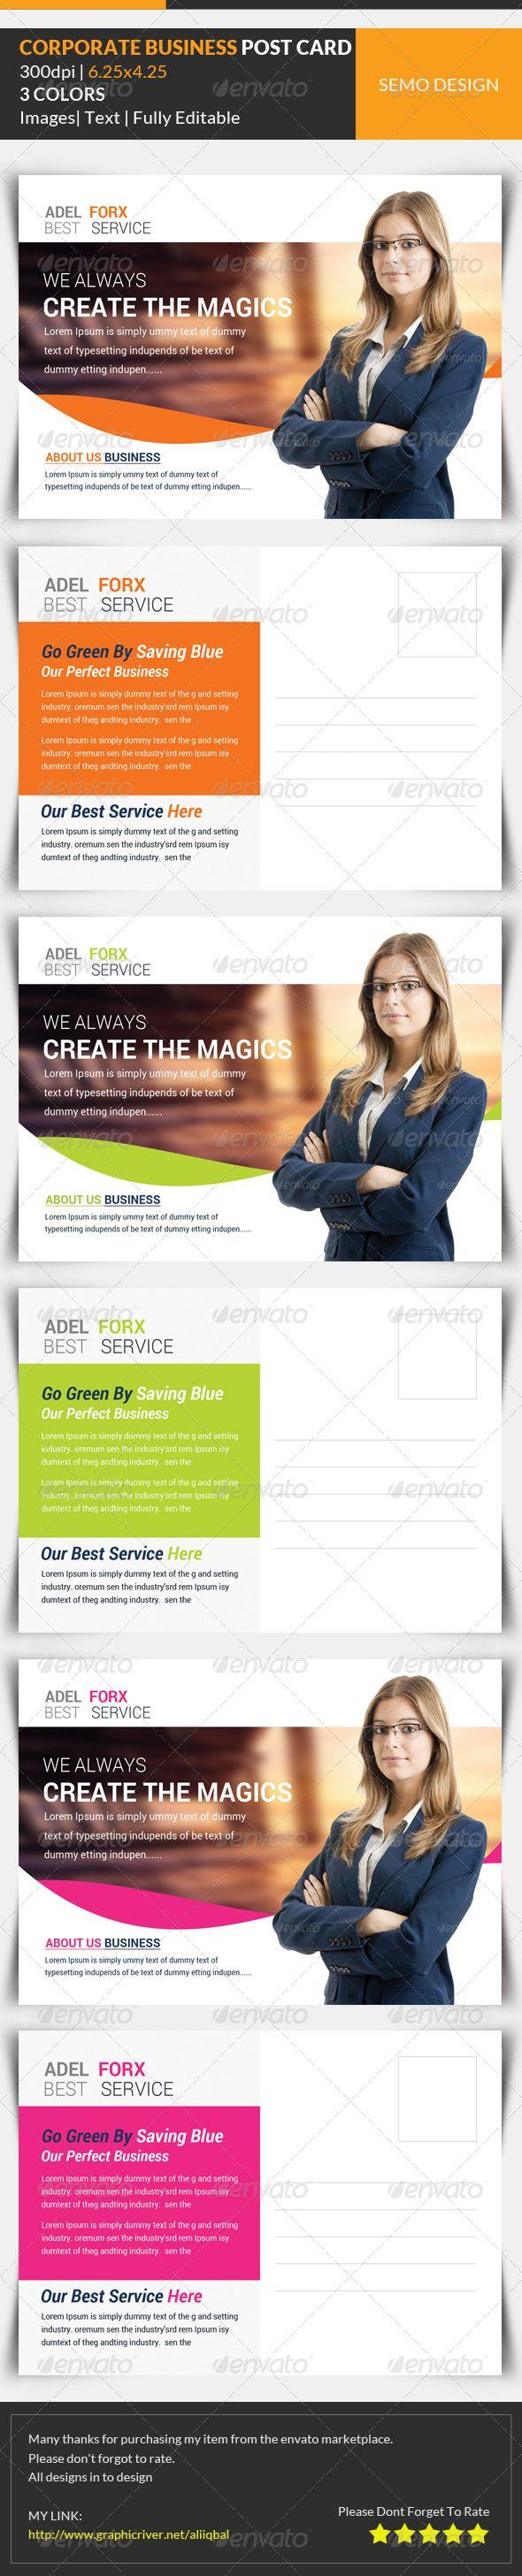 Best 25+ Business postcards ideas on Pinterest | Leaflet design ...